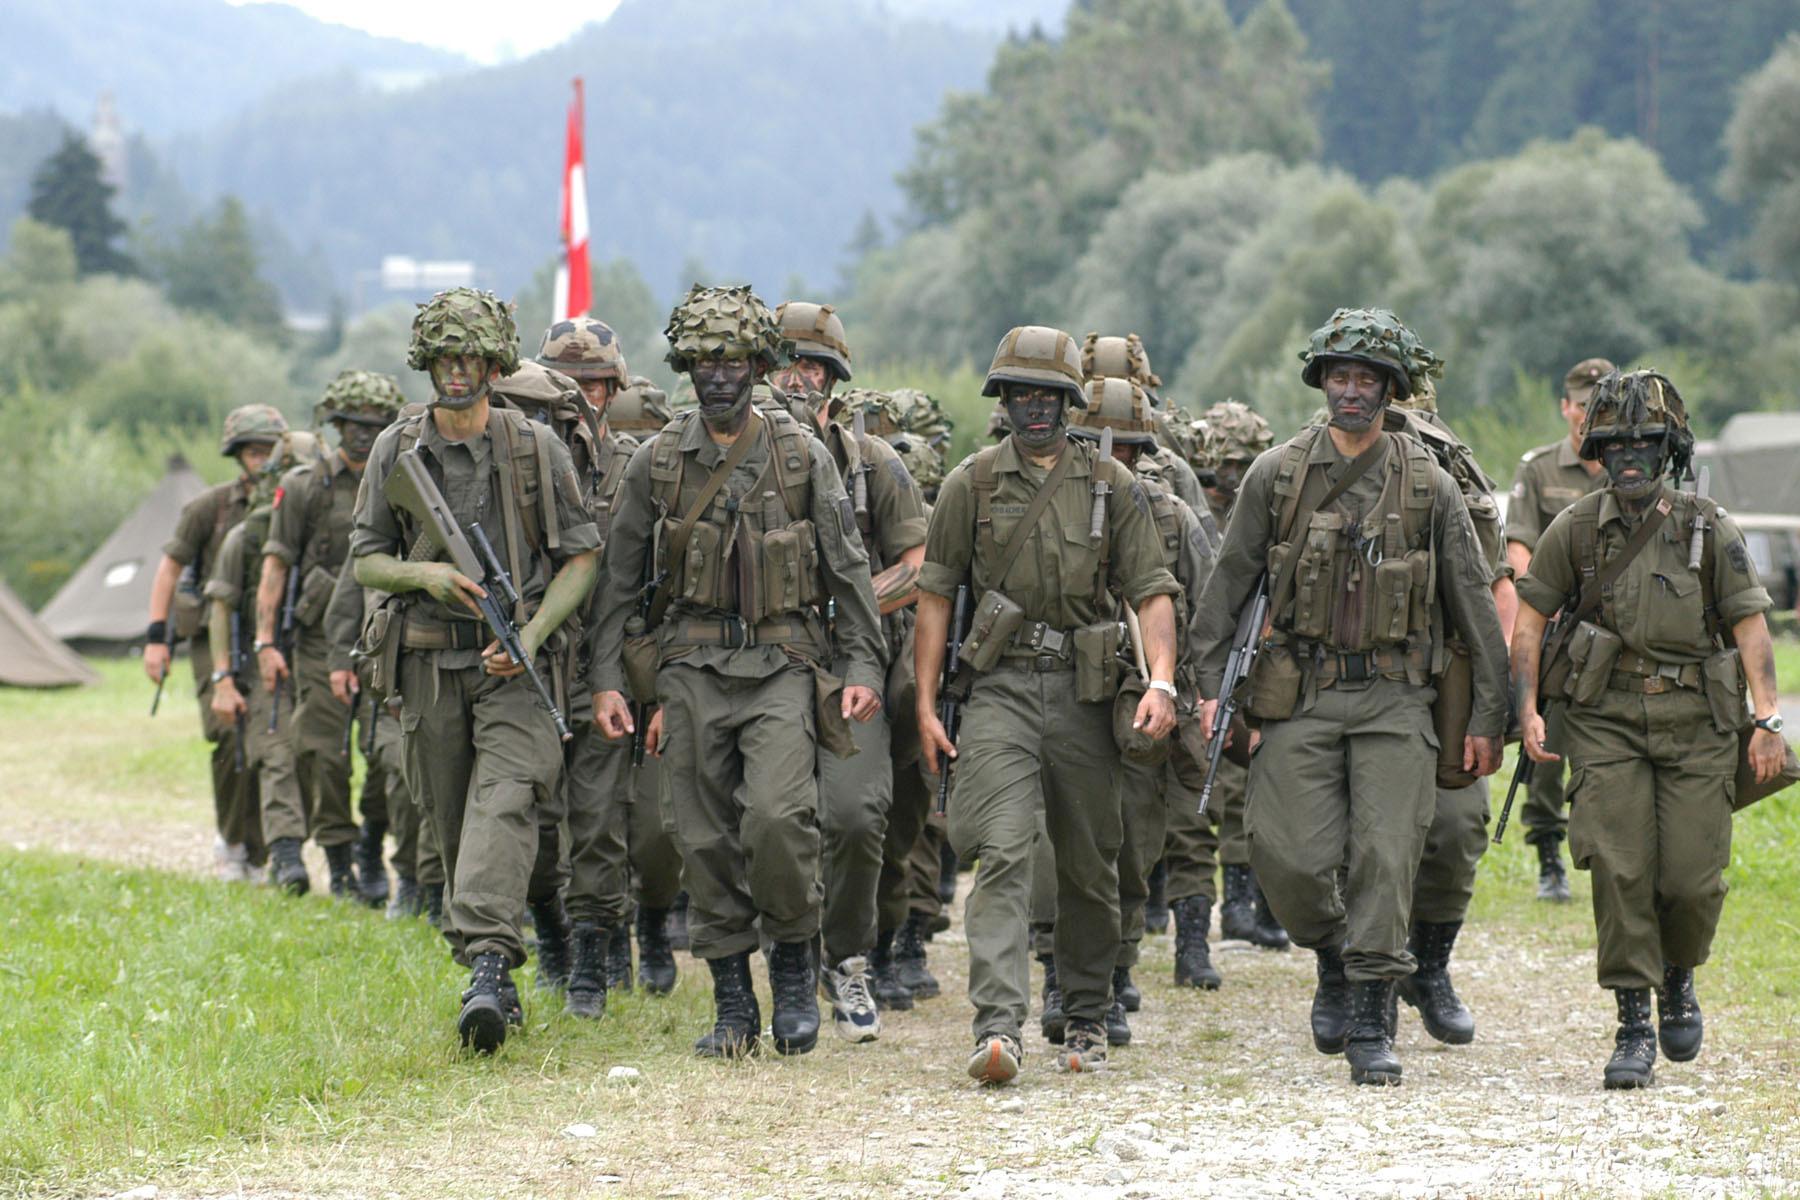 Военные рубашки и военные блузы камуфляжного и милитари стиля